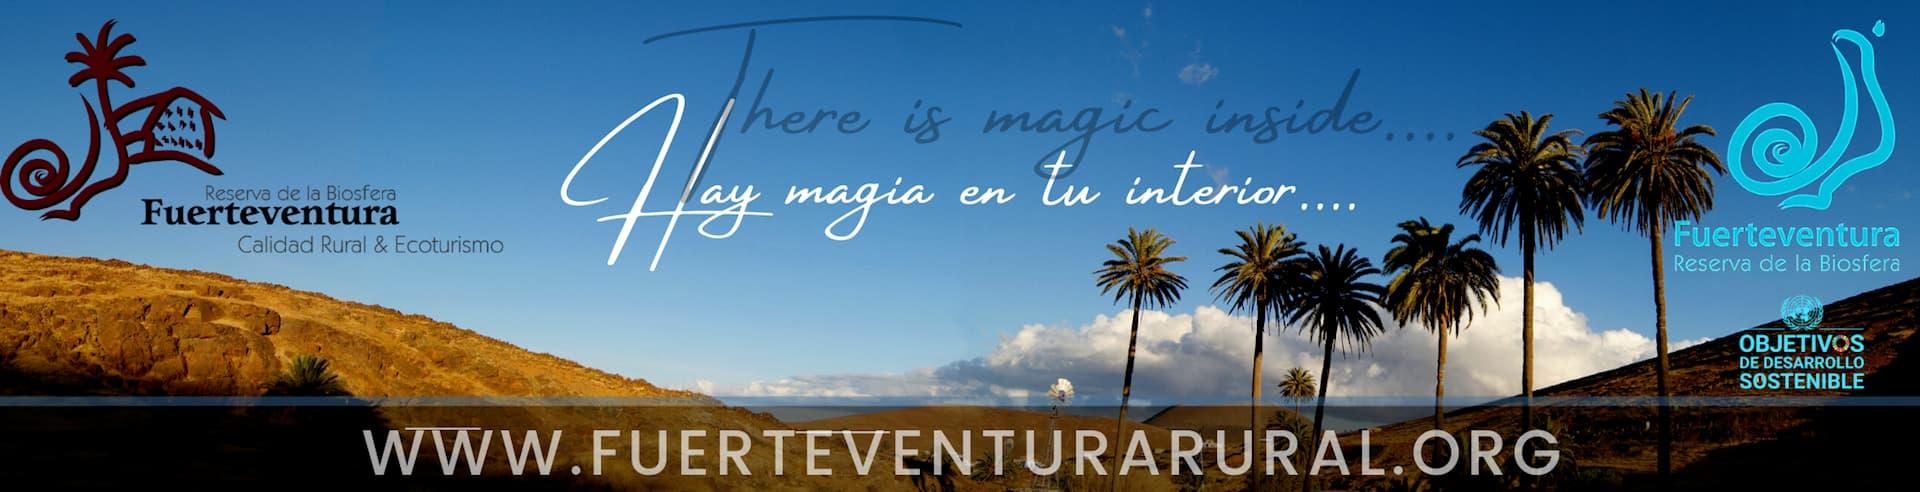 Casas-Rurales-Fuerteventura-new21